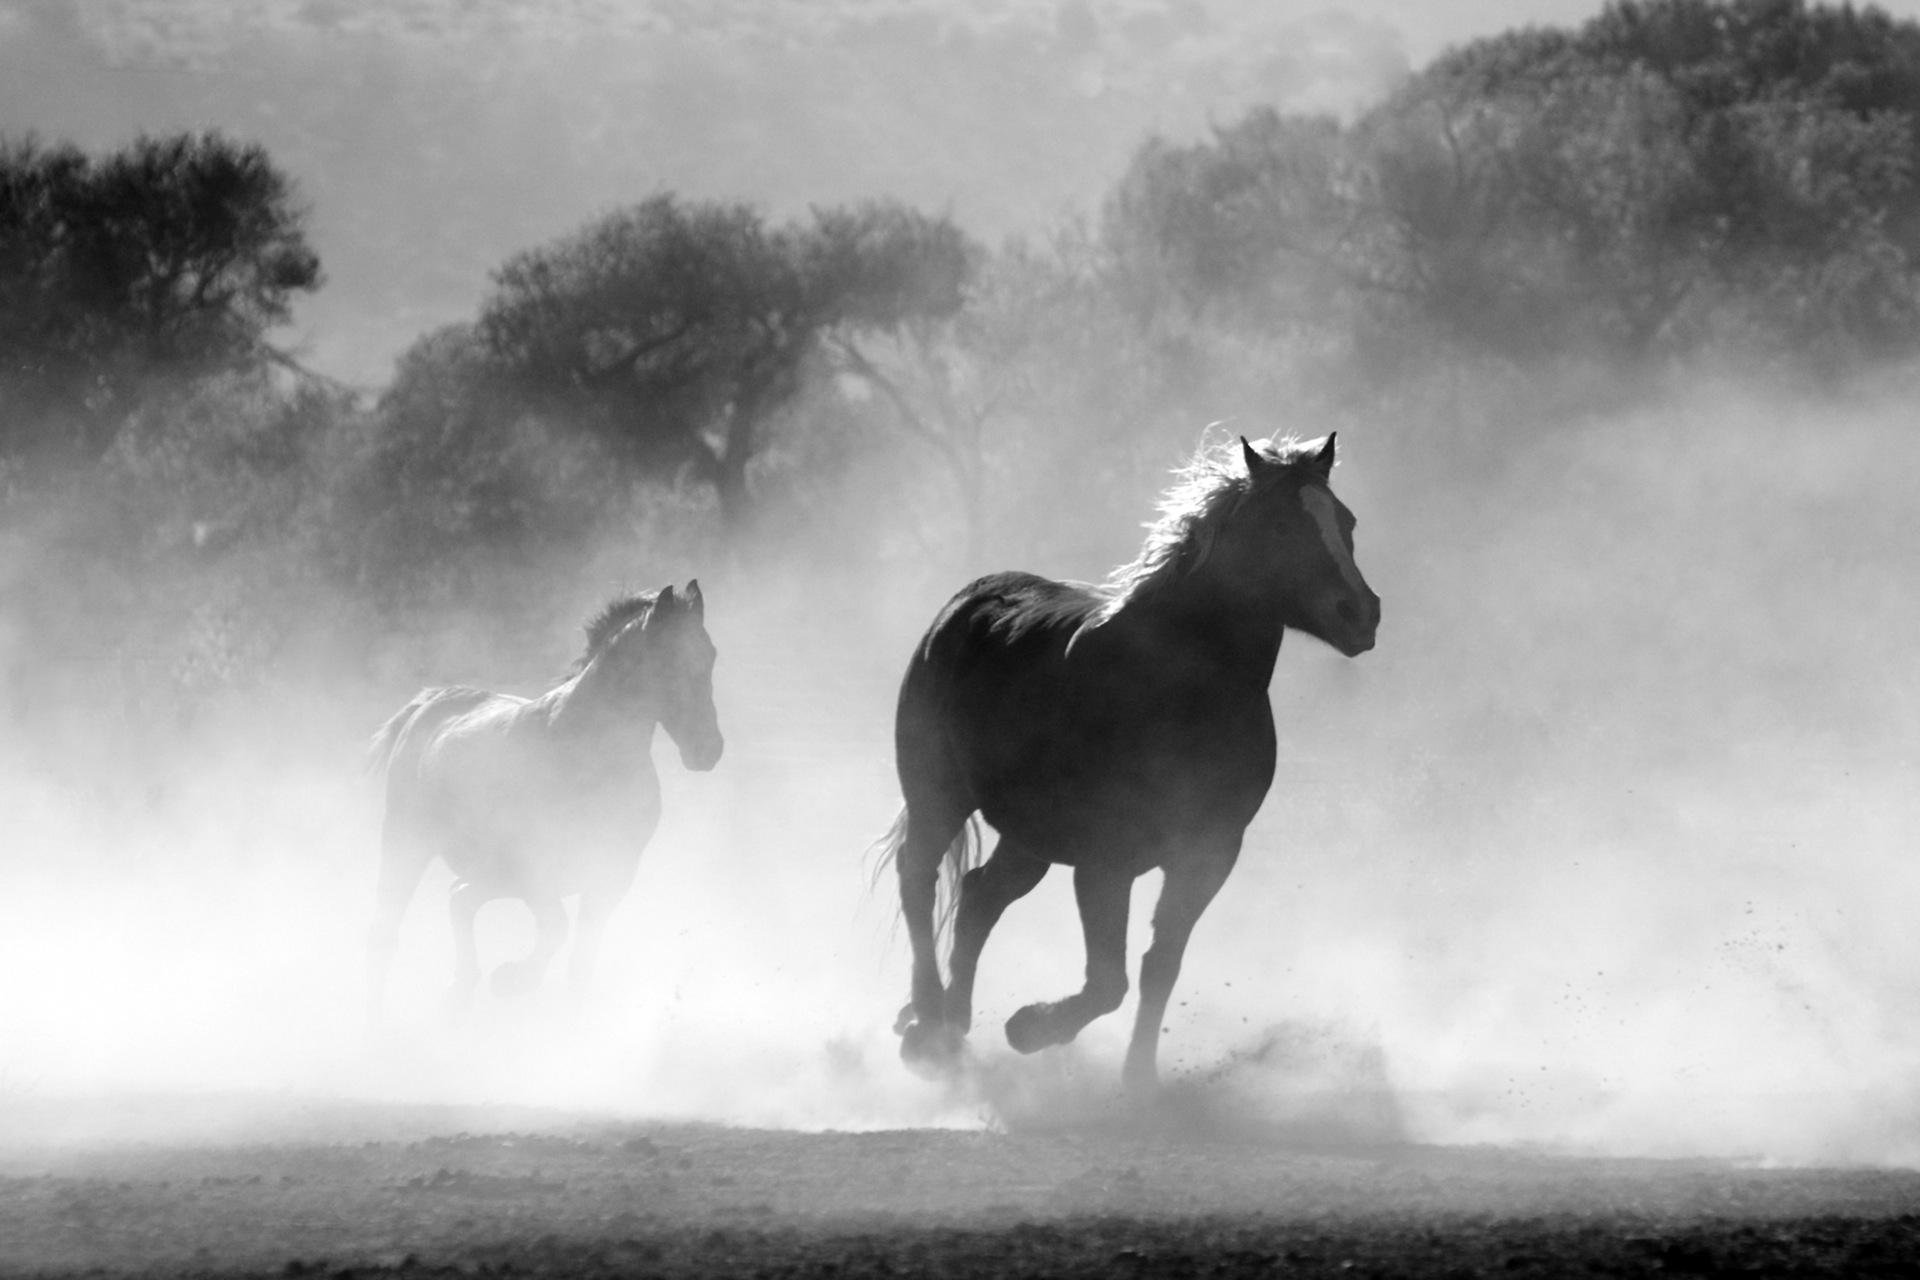 caballos, salvajes, libertad, carrera, polvo - Fondos de Pantalla HD - professor-falken.com